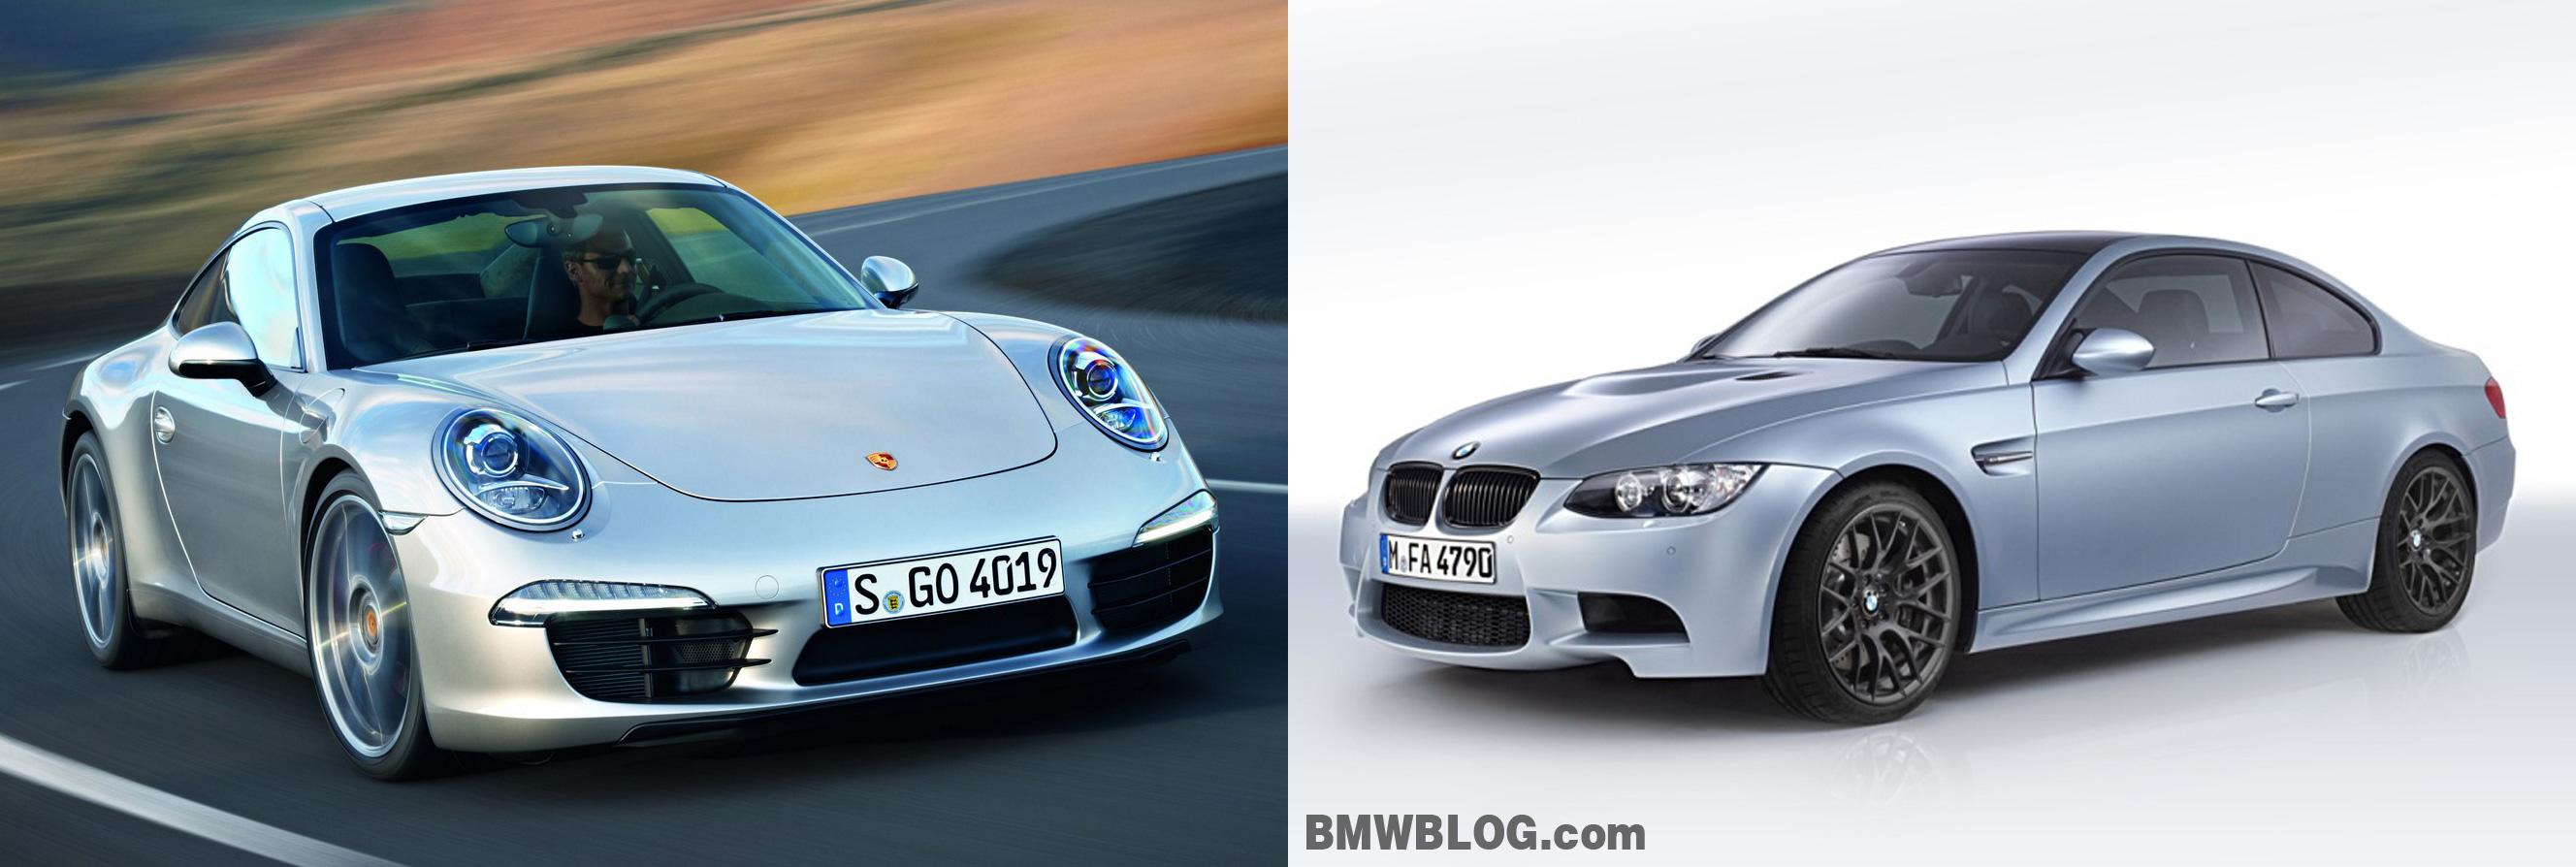 Porsche 911 Bmw M31 655x220